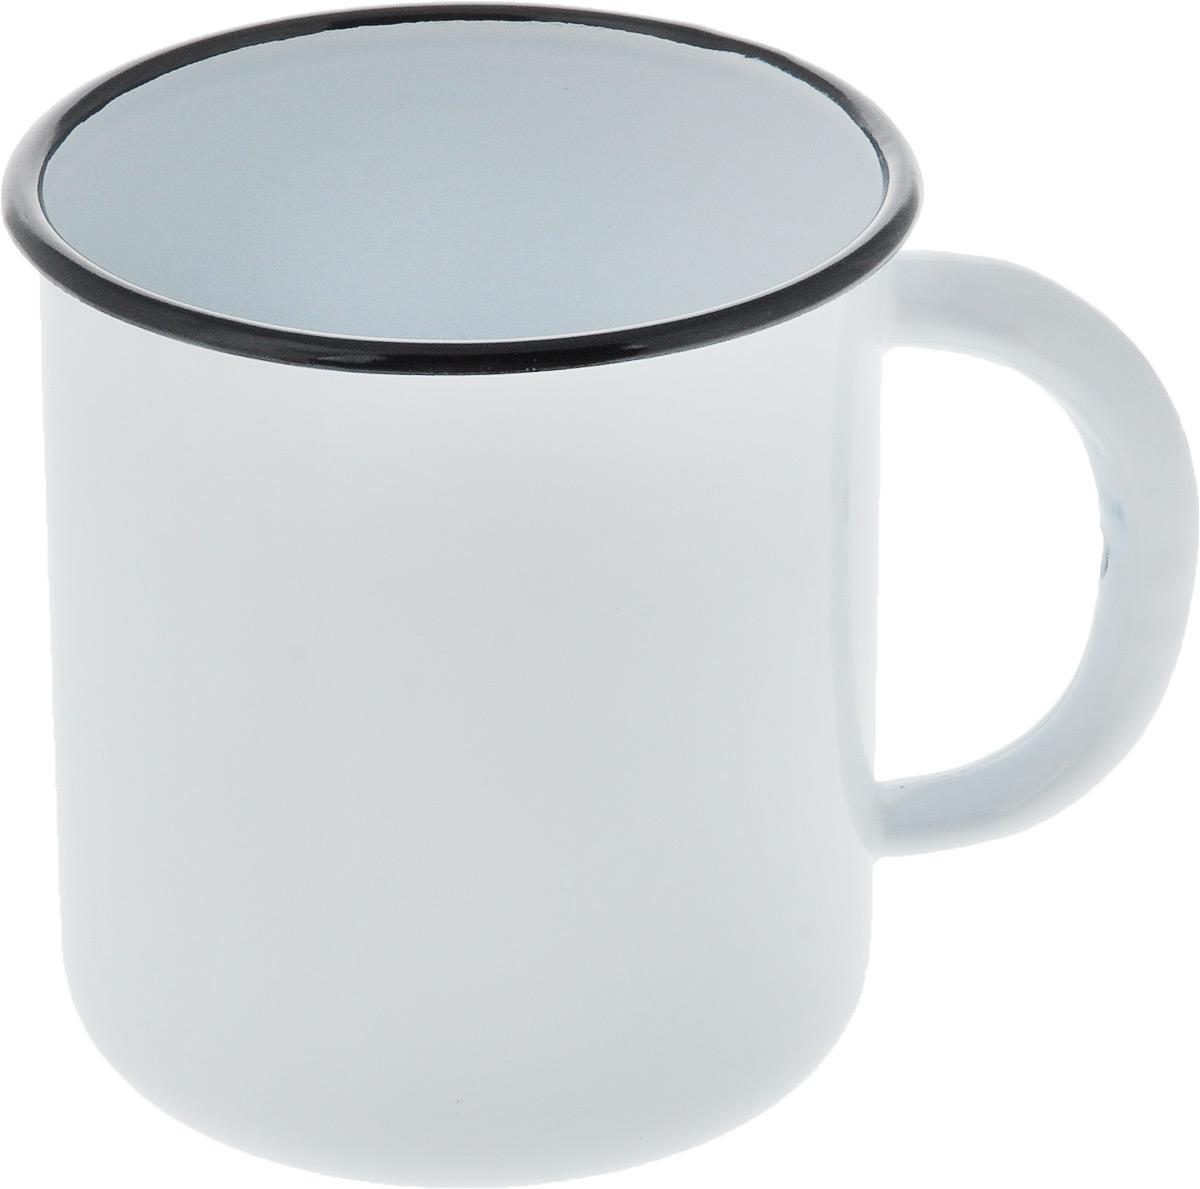 Кружка эмалированная СтальЭмаль, цвет: белый, черный, 1 л